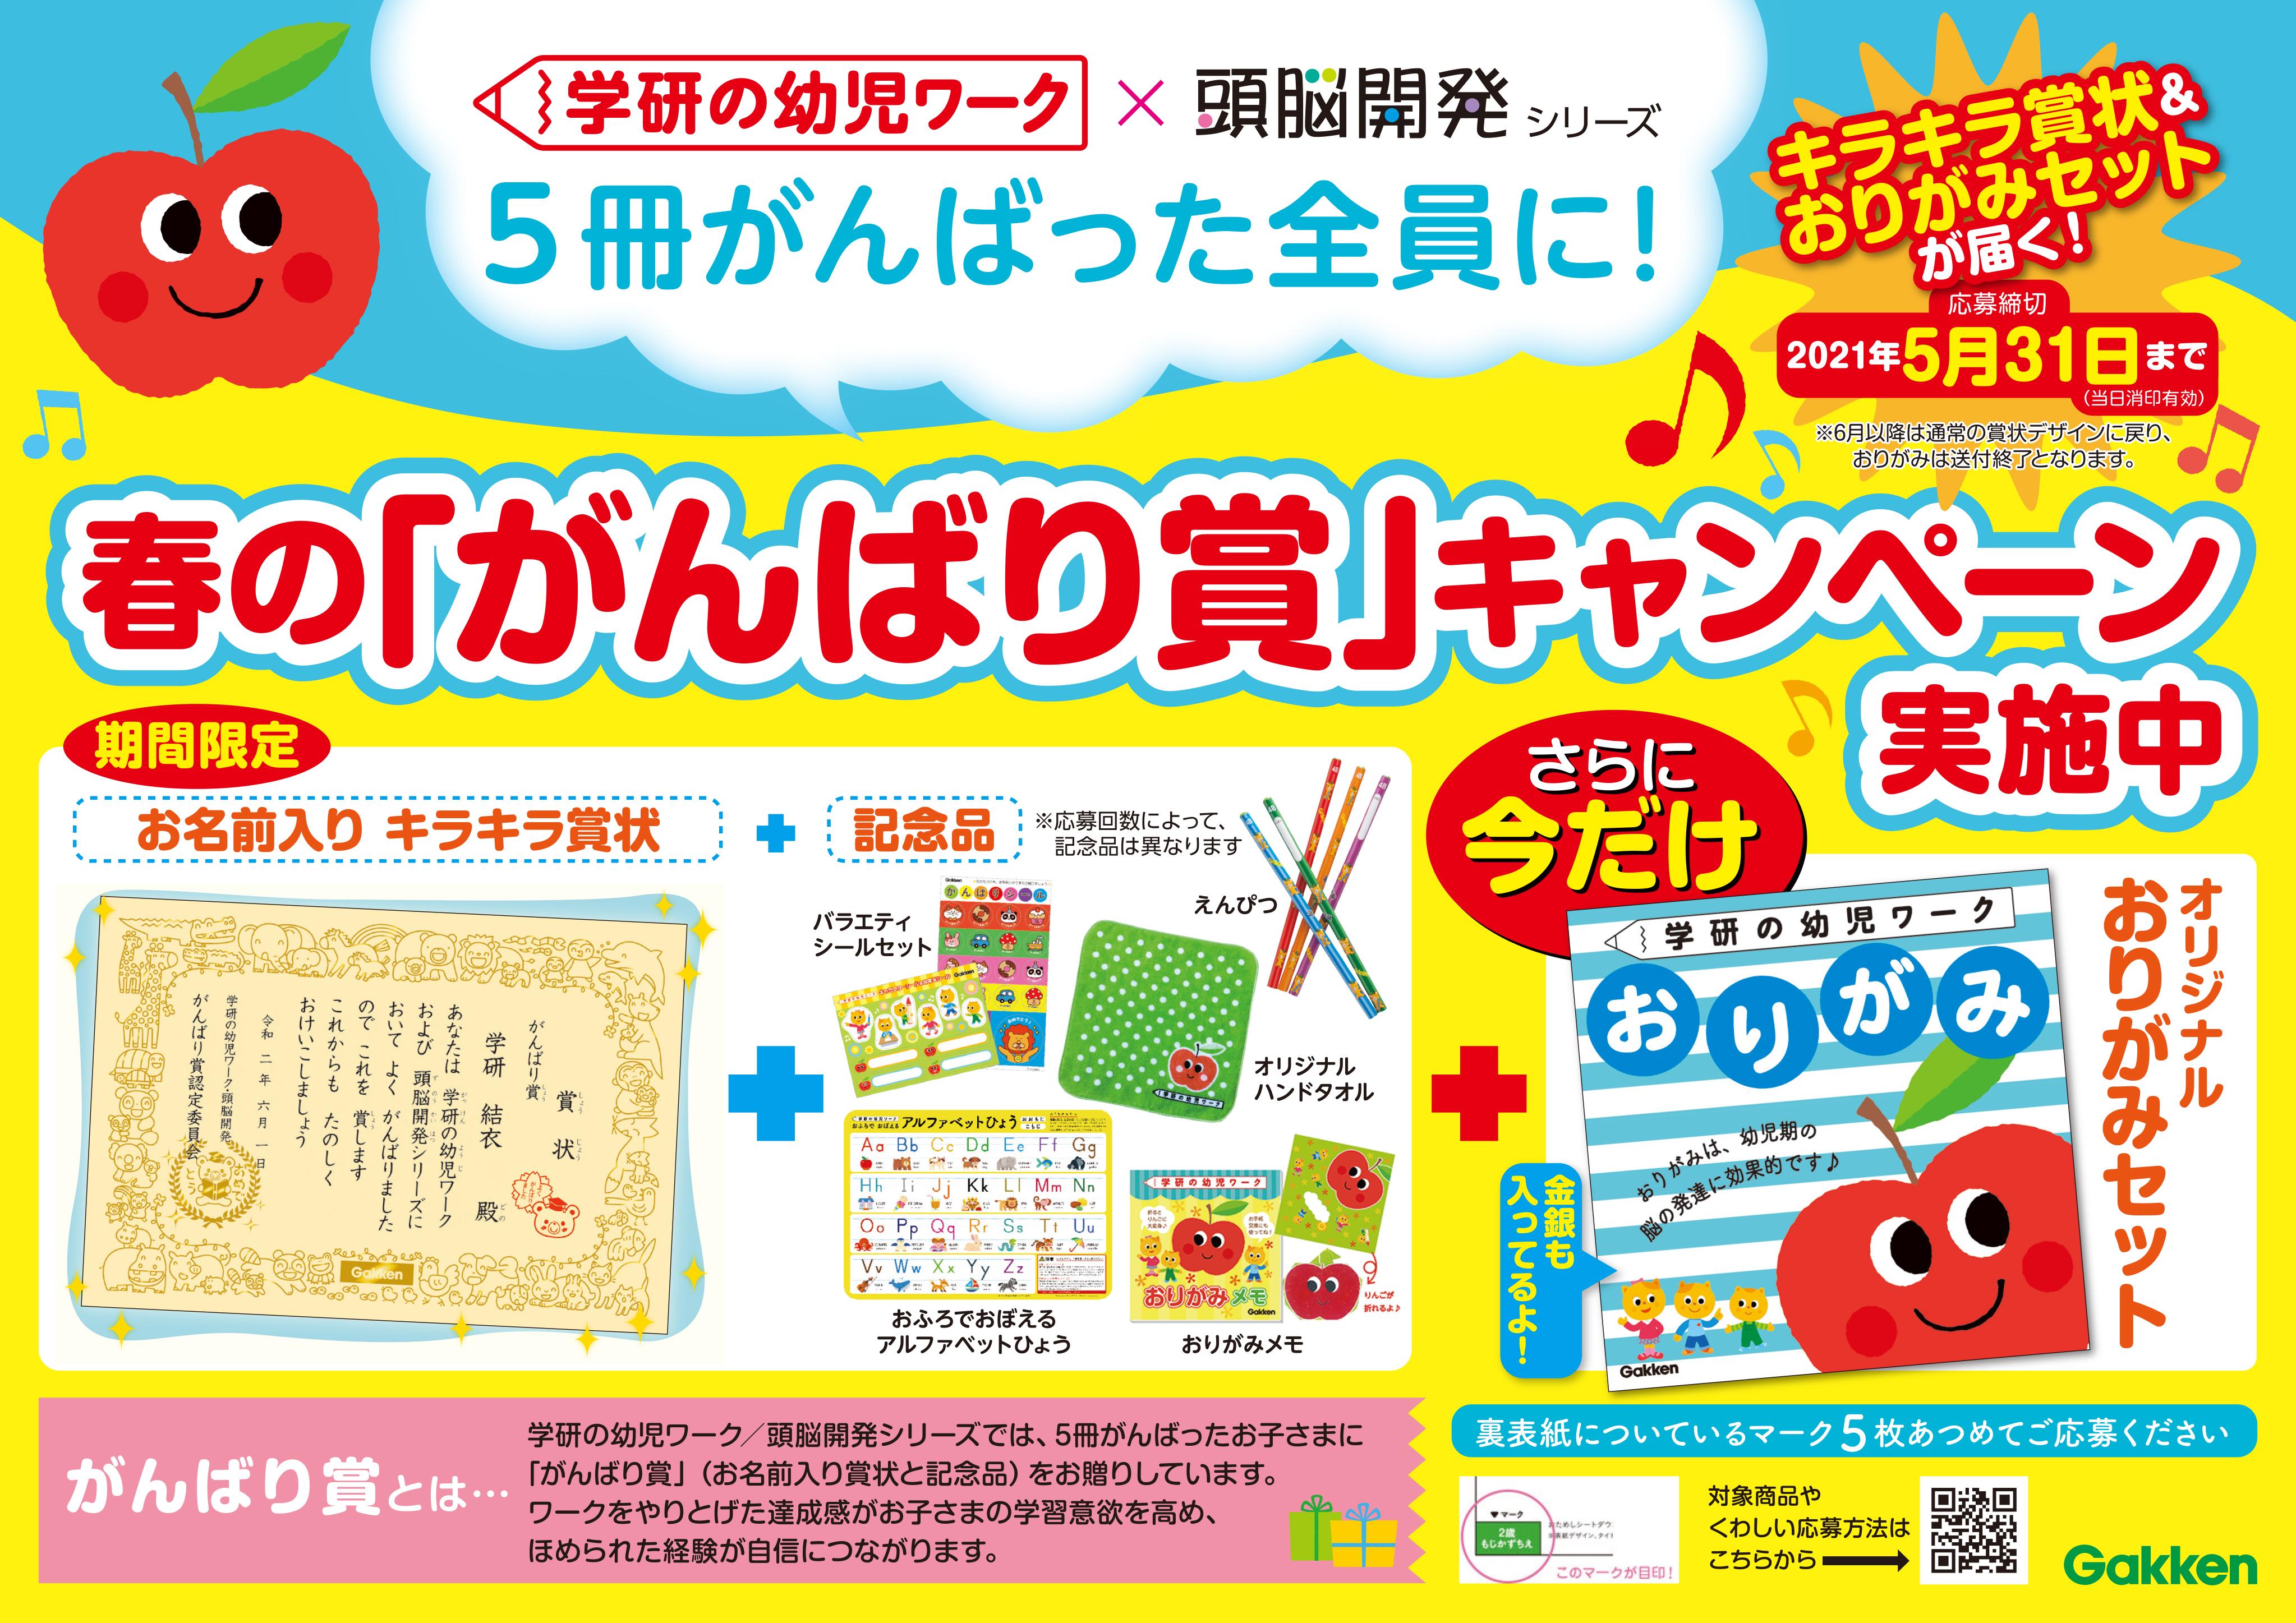 春の「がんばり賞」キャンペーン告知画像